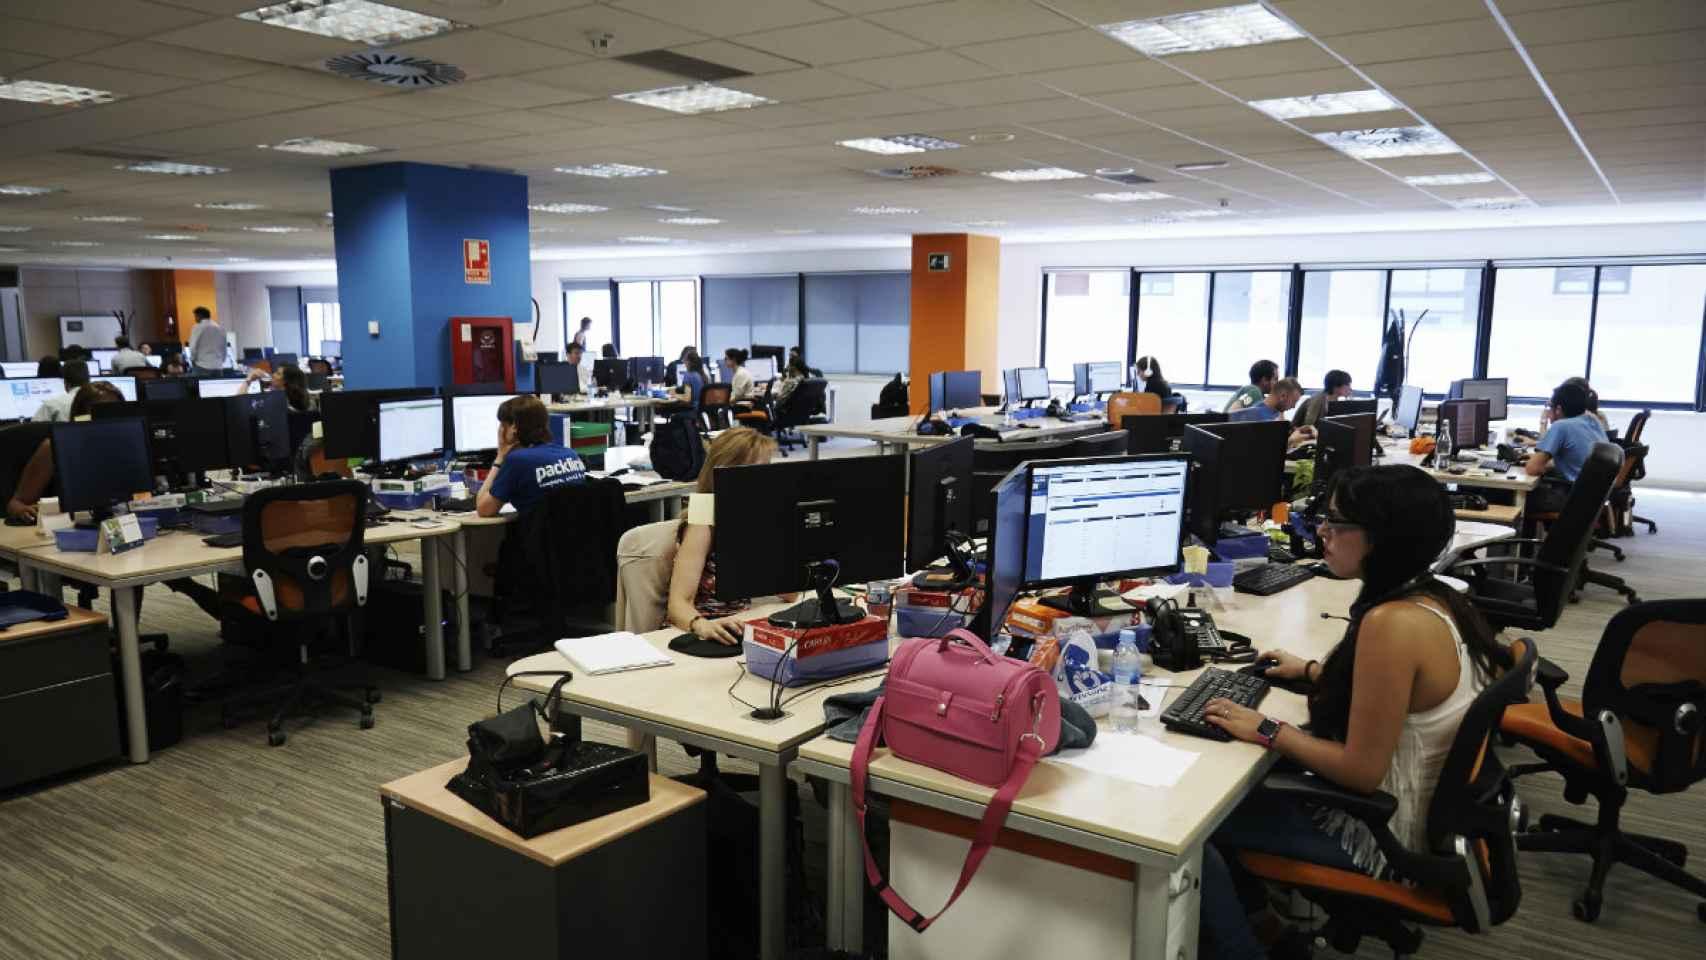 Tiene 100 trabajadores en plantilla en su única sede en Madrid.